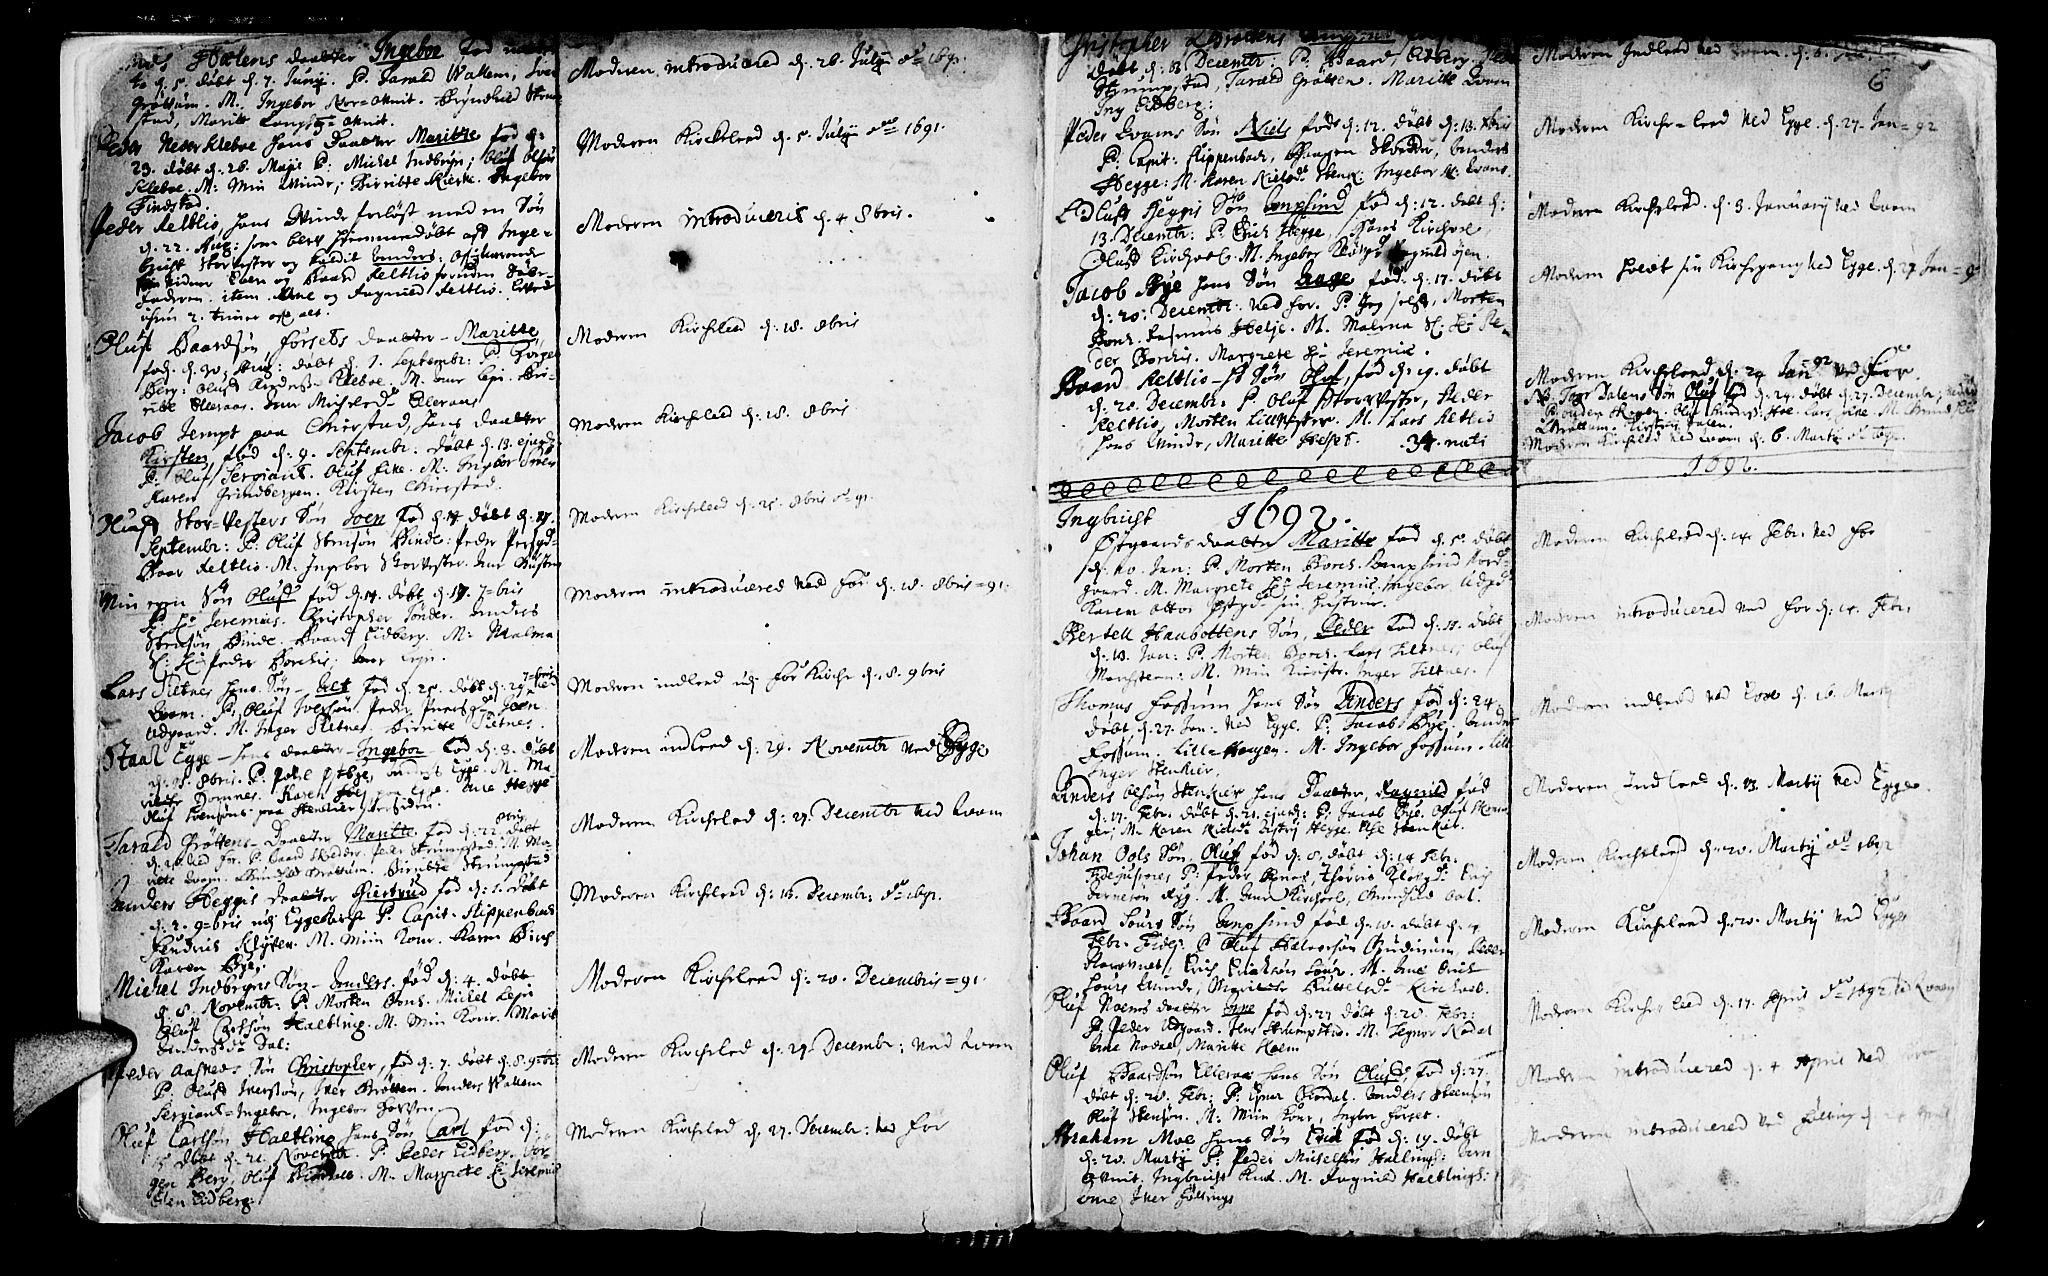 SAT, Ministerialprotokoller, klokkerbøker og fødselsregistre - Nord-Trøndelag, 746/L0439: Ministerialbok nr. 746A01, 1688-1759, s. 6